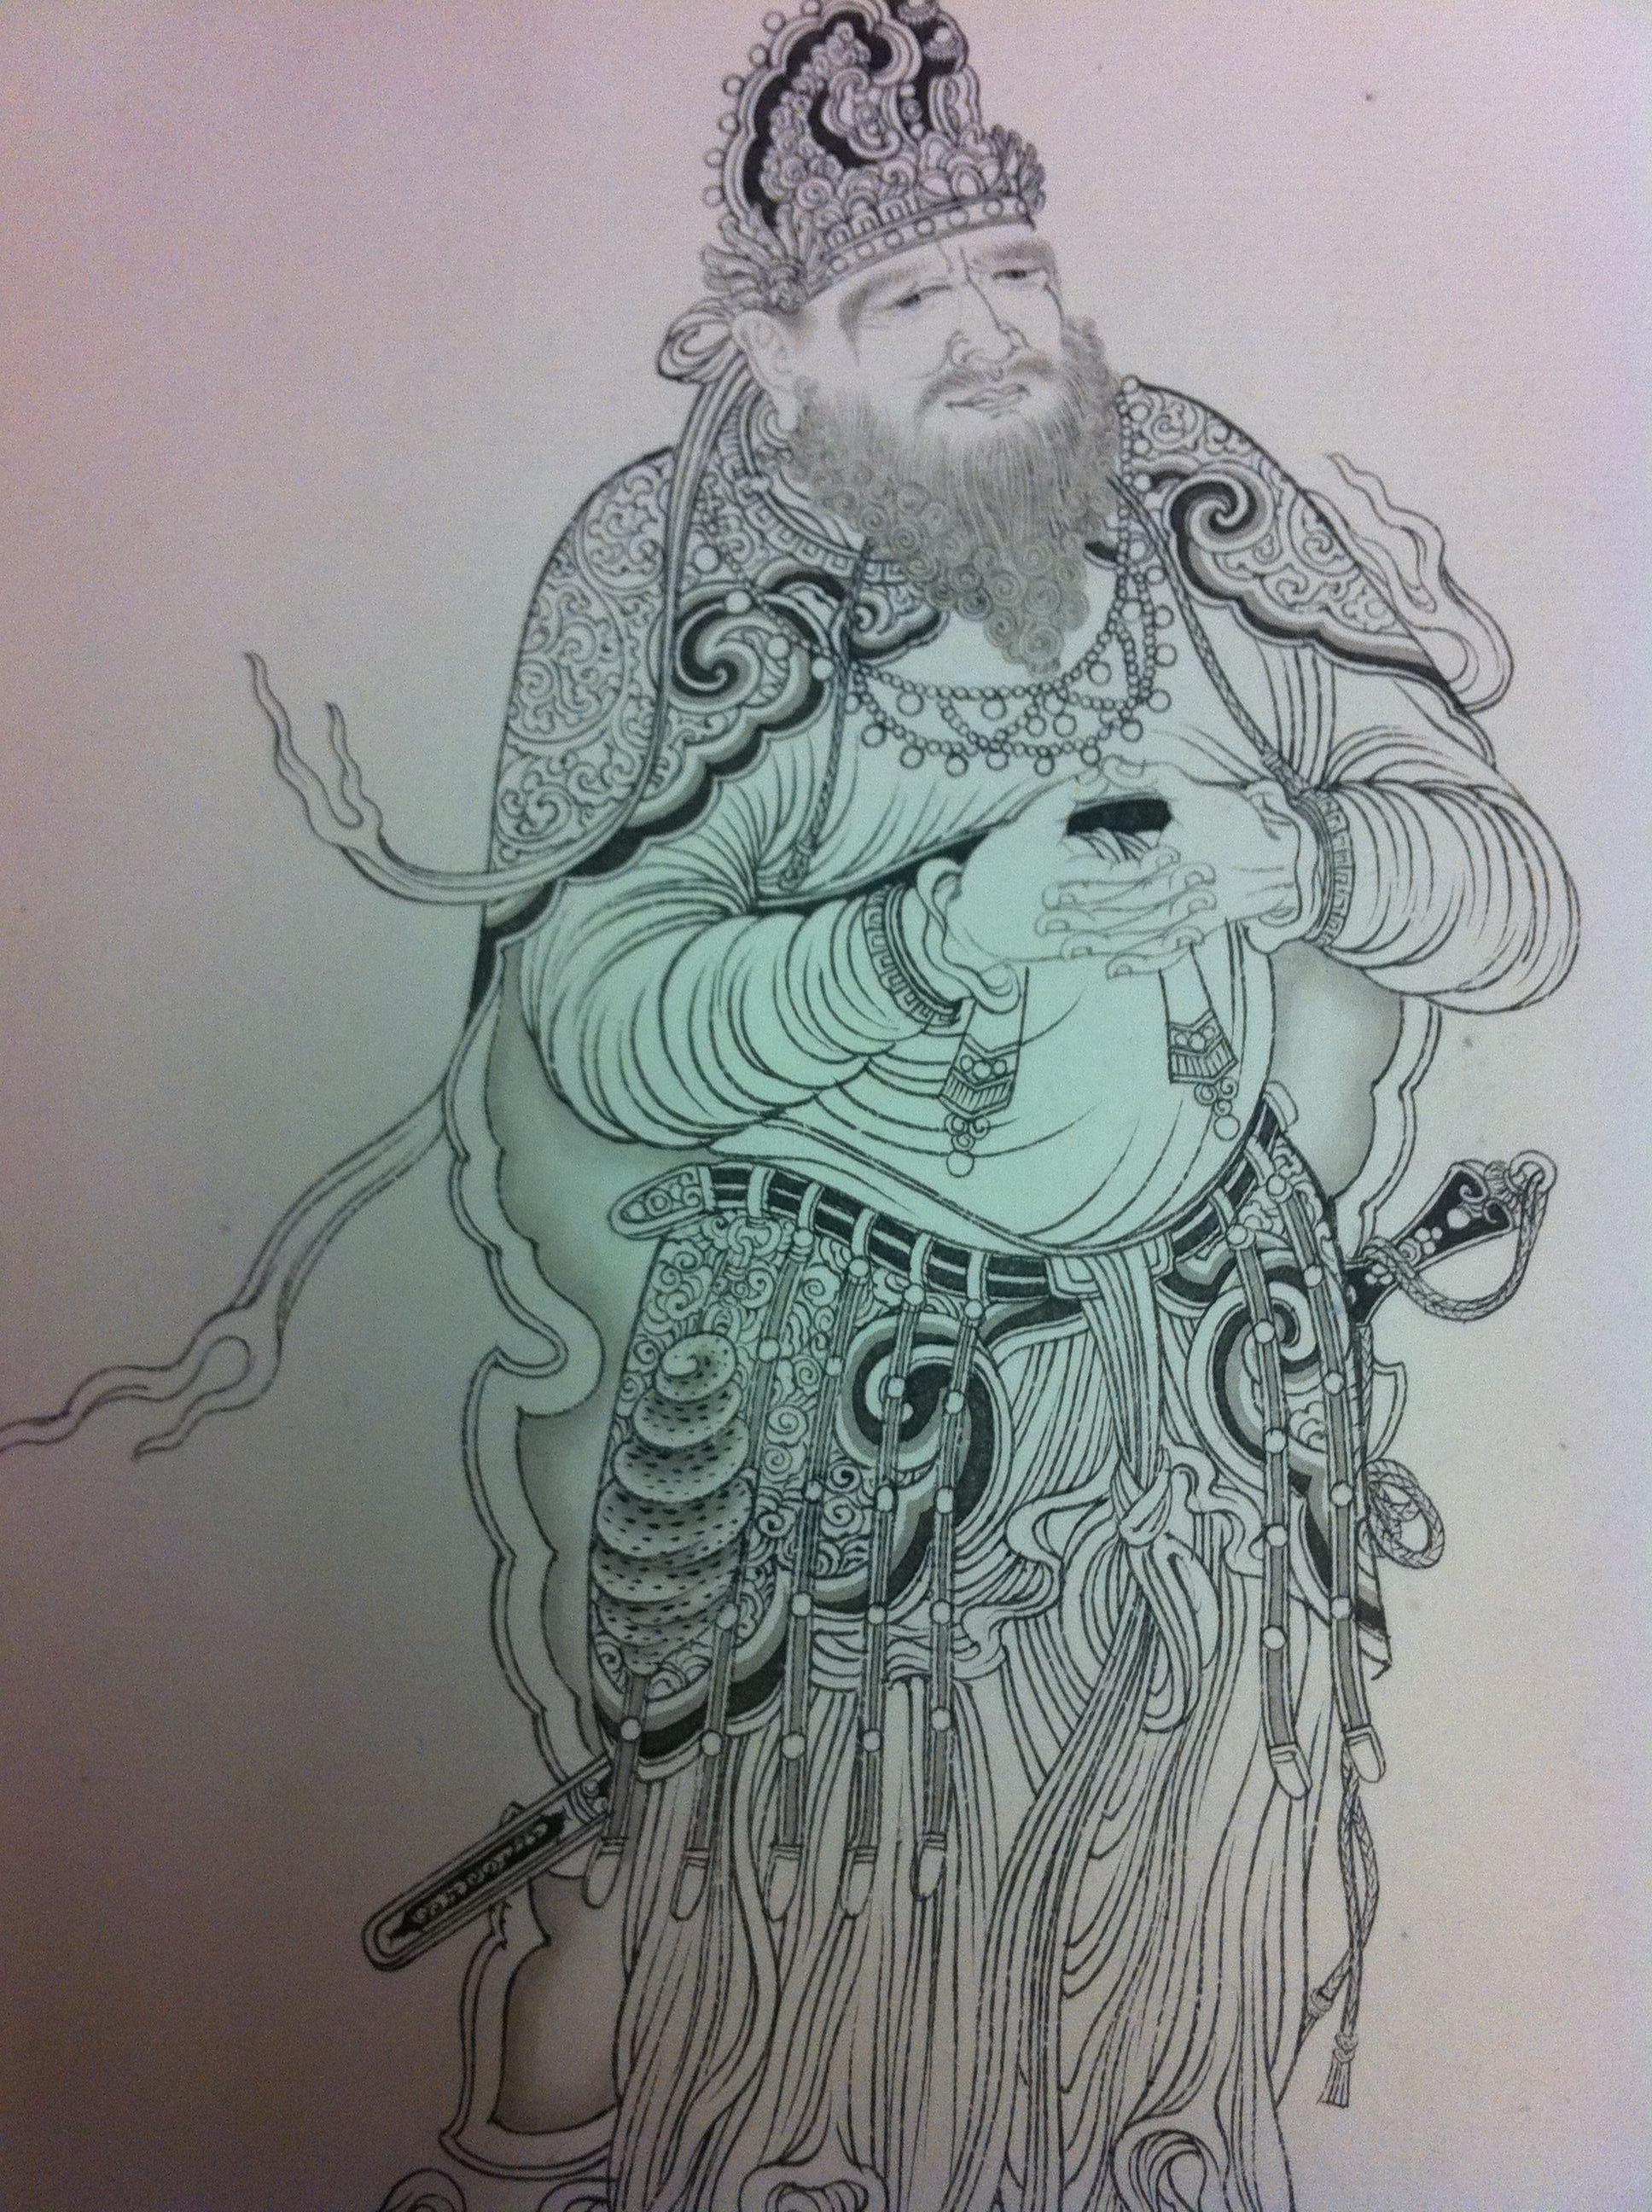 柳蕊成白描臨《維摩詰演教》圖紙本手卷2011年7月作橫 | 石頭當代藝術書畫藏珍網誌